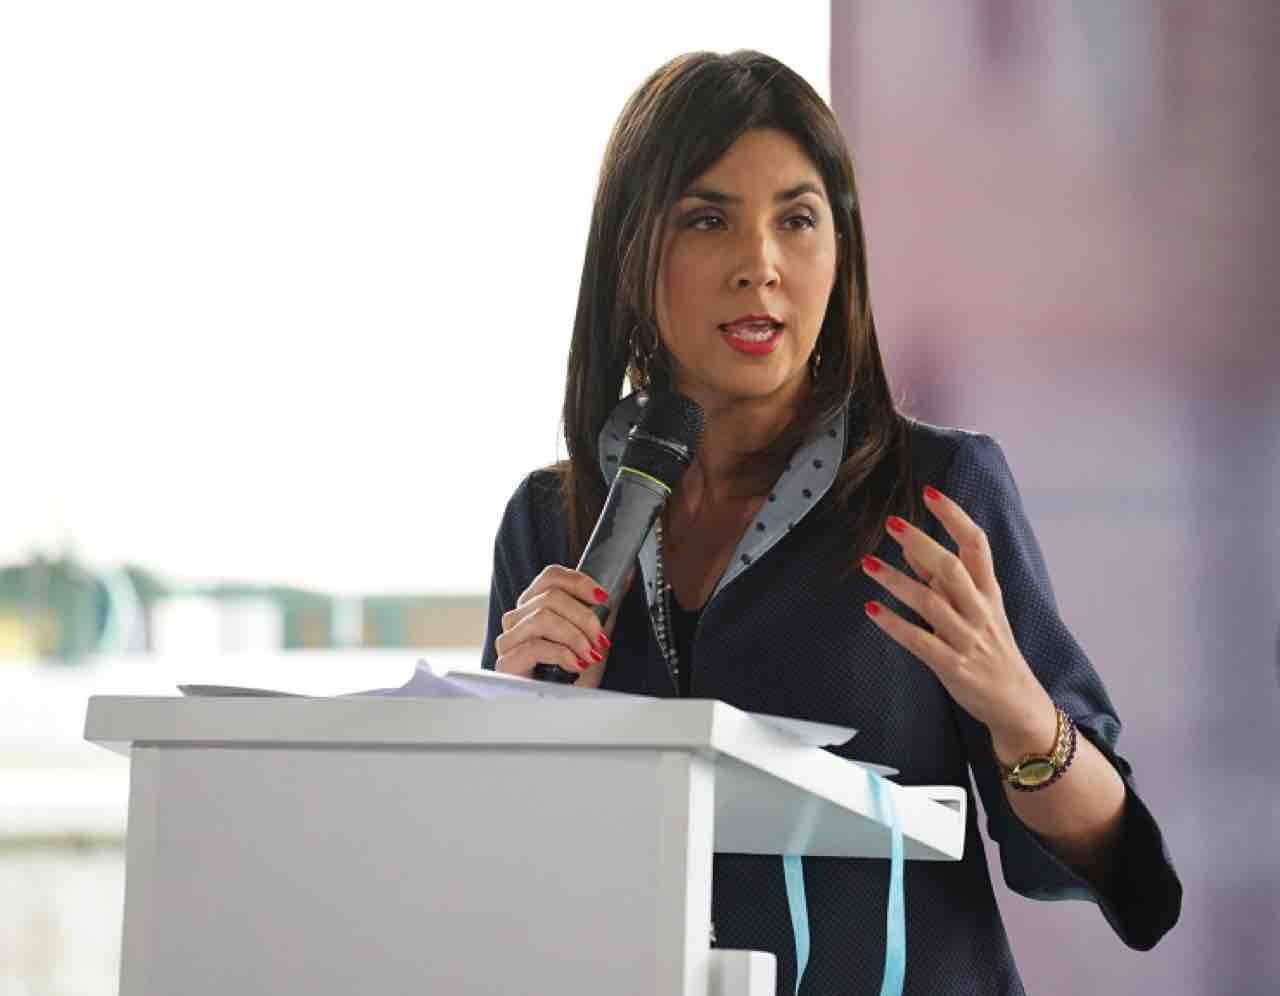 La alternancia a partir de agosto: María Victoria Angulo, Ministra de Educación 1